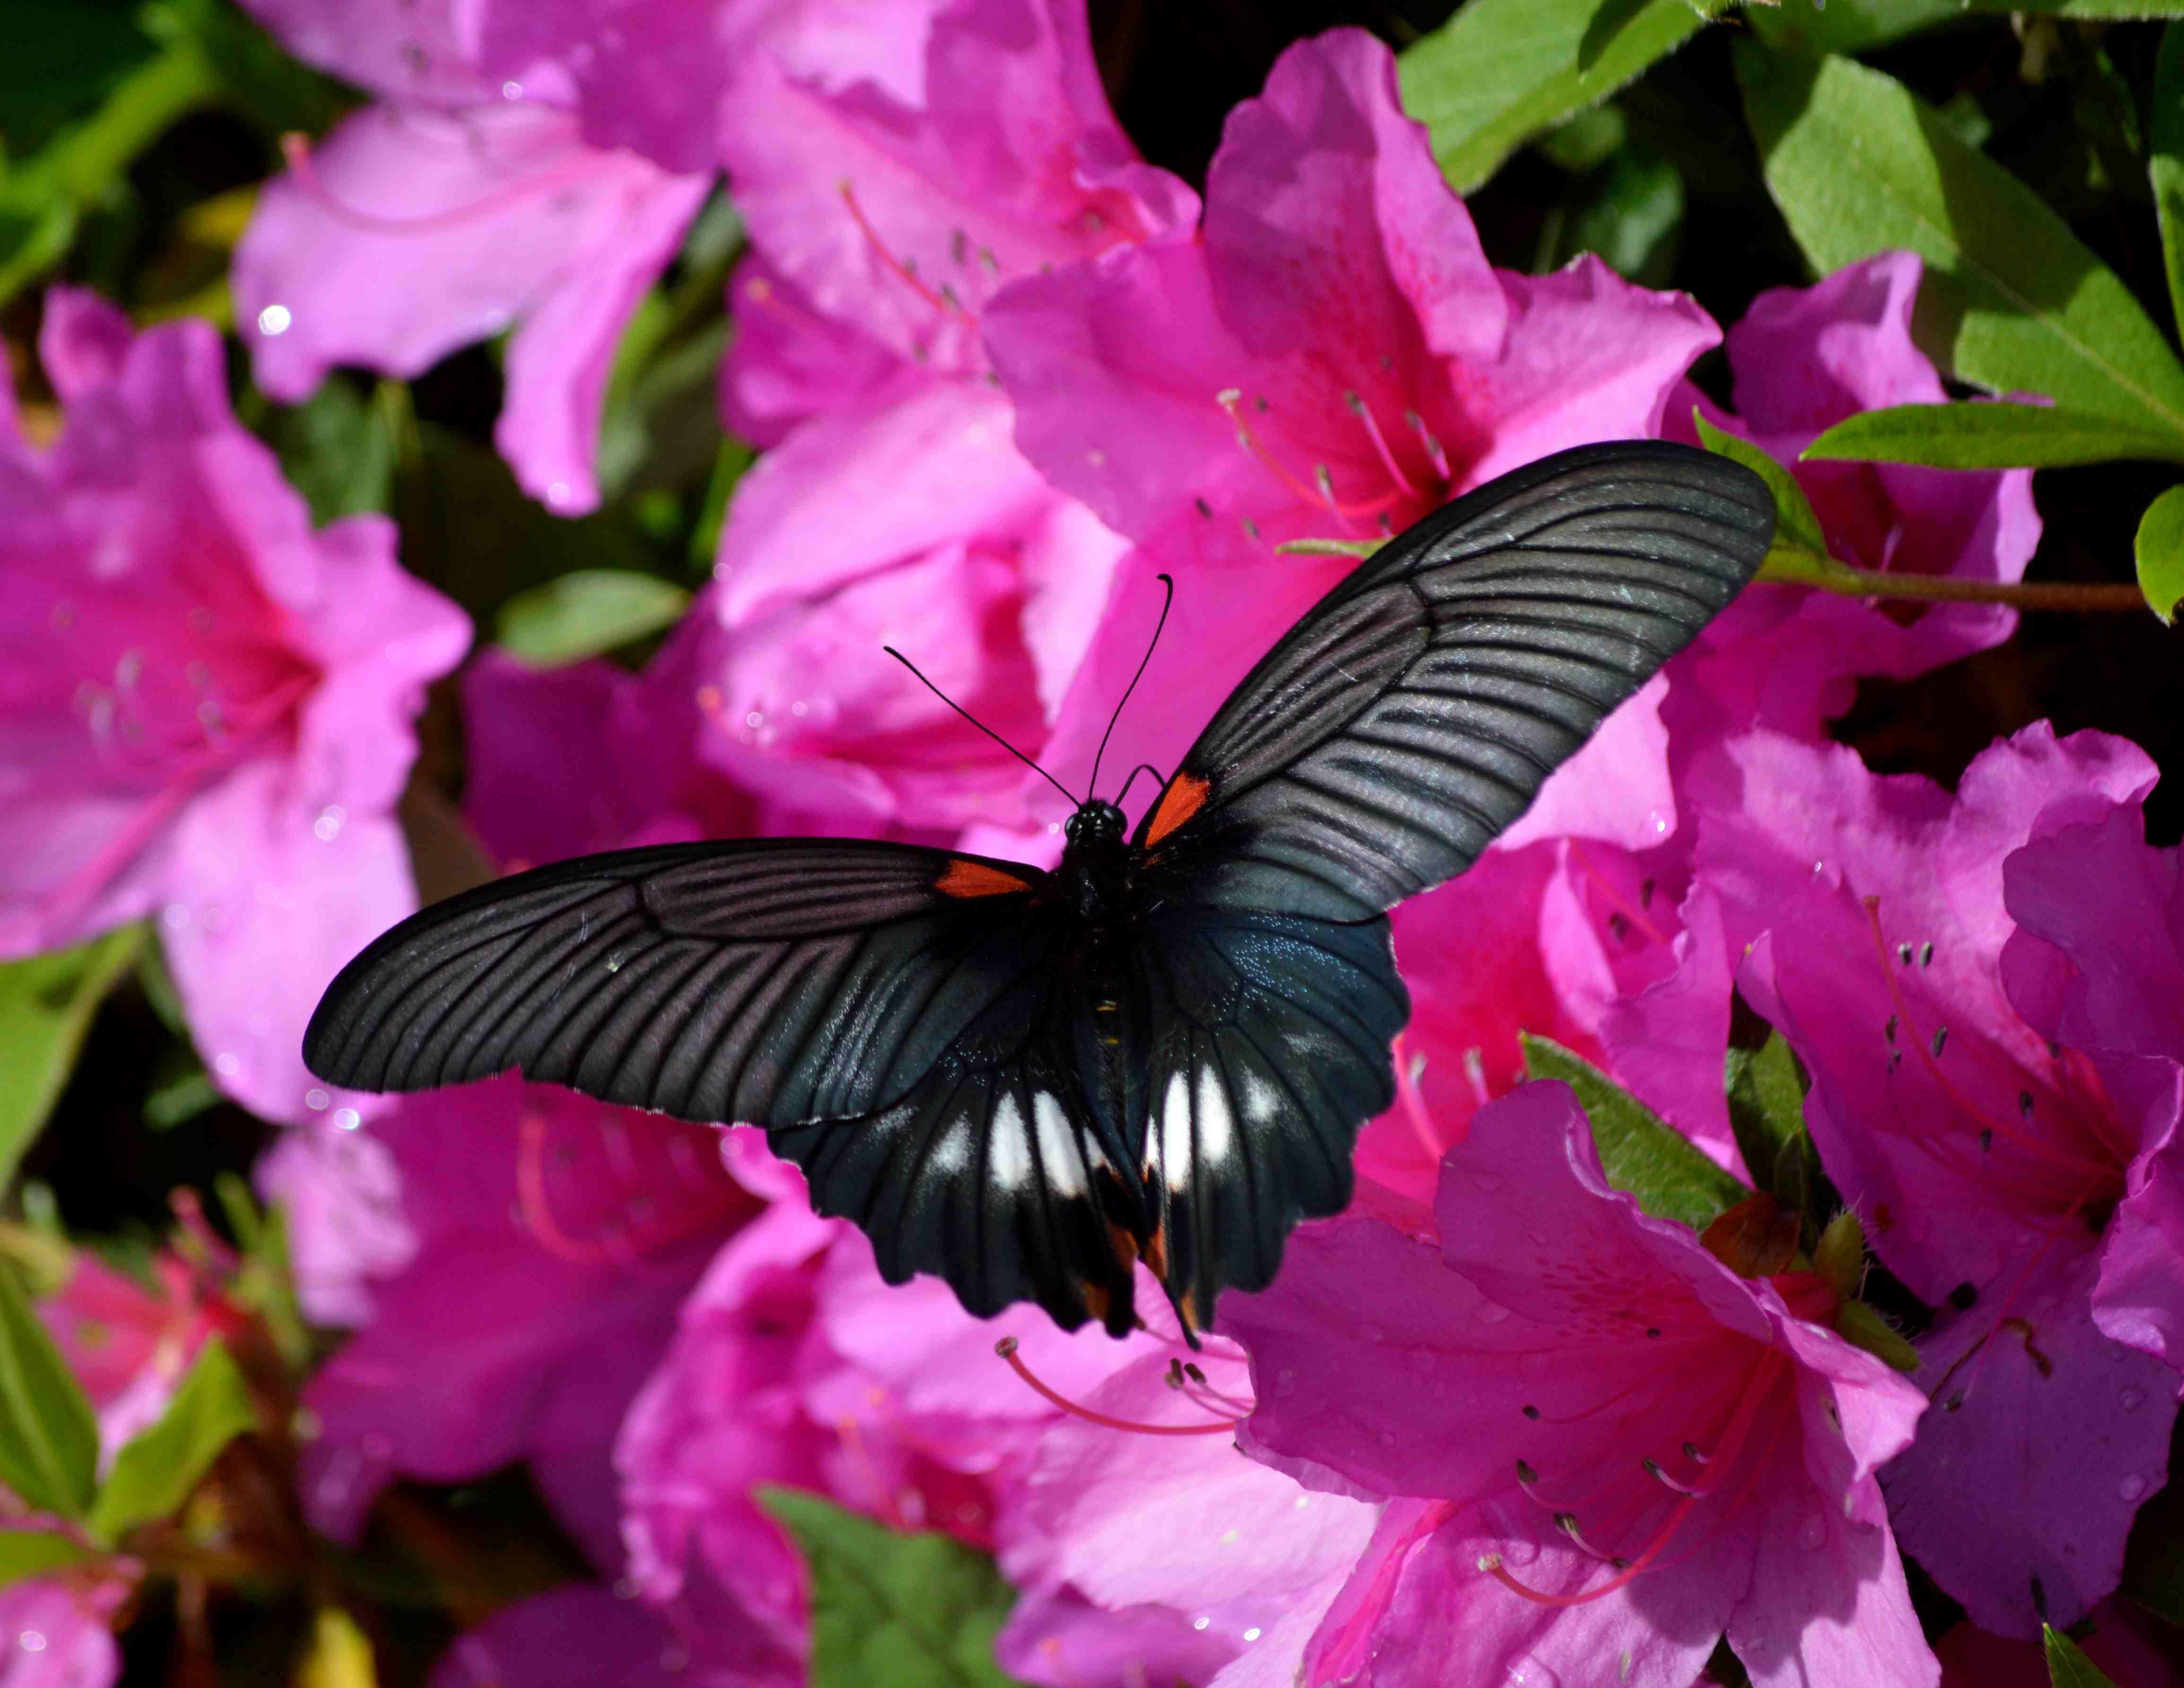 ナガサキアゲハ 5月2日ツツジの咲く公園にて_d0254540_1753925.jpg